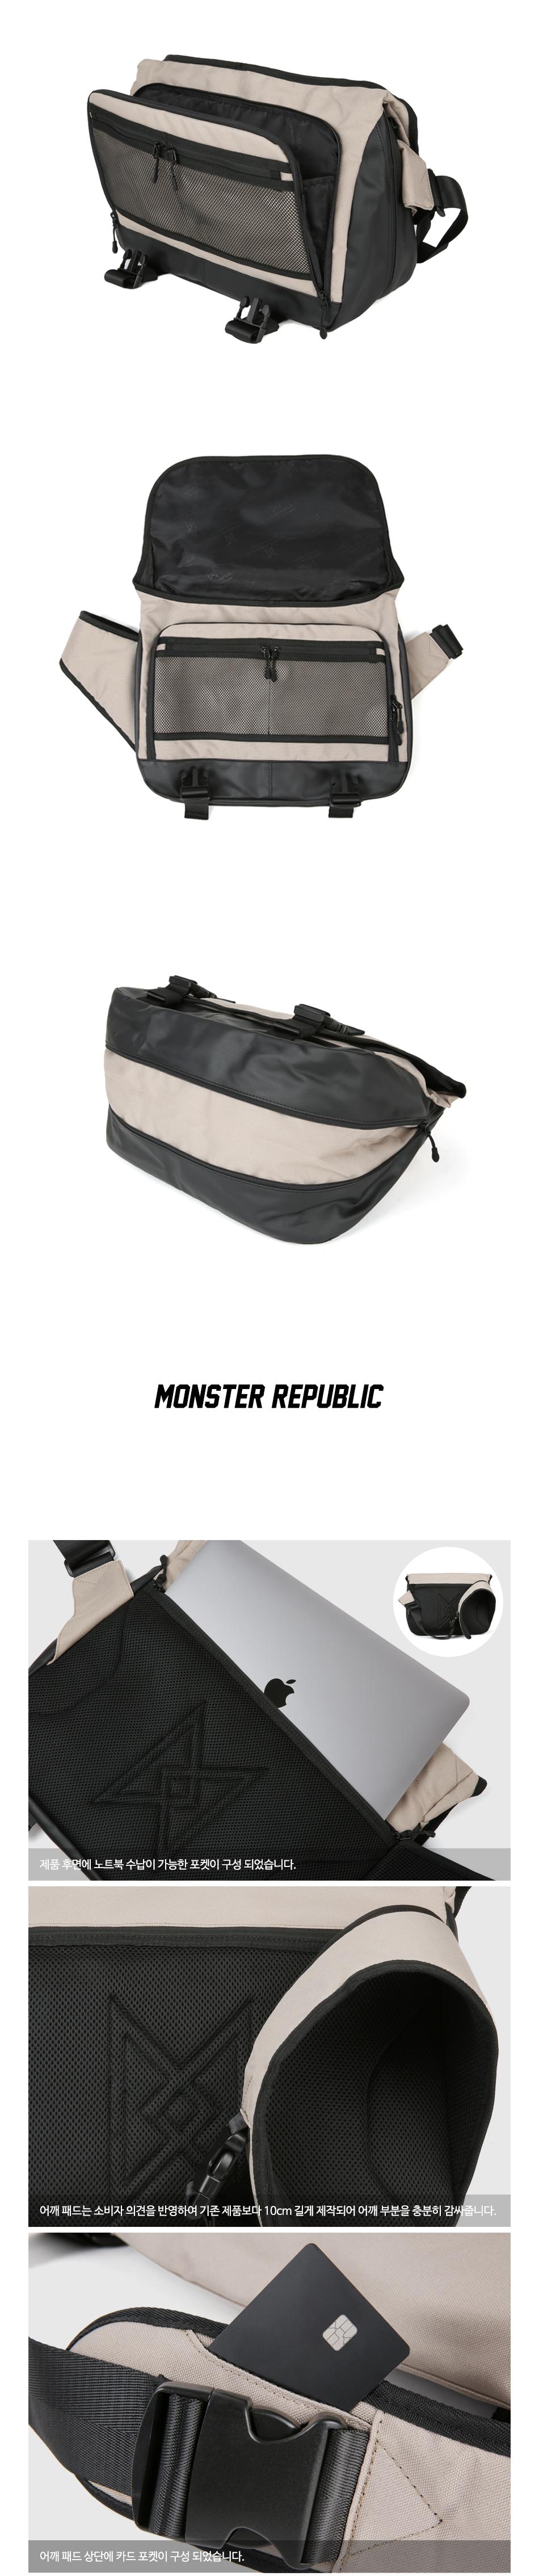 몬스터리퍼블릭(MONSTER REPUBLIC) COMPOUND MESSENGER BAG / BEIGE